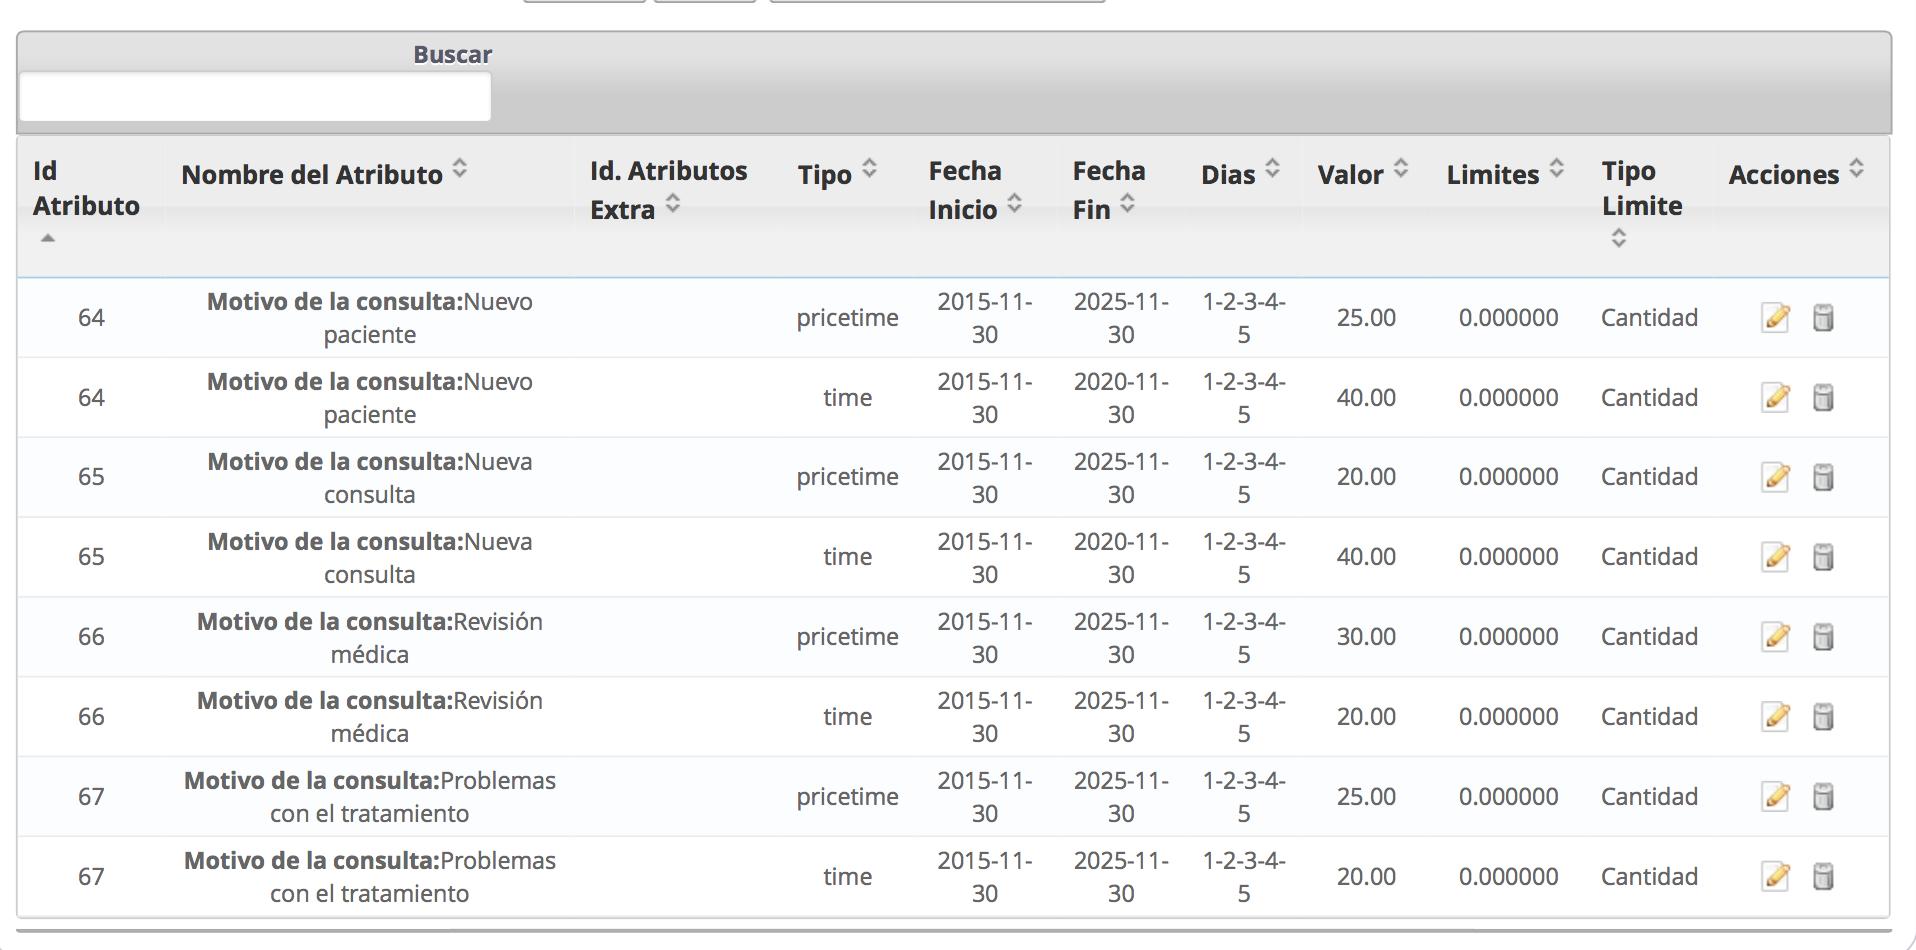 Tabla con la configuración de los atributos en Megaservices